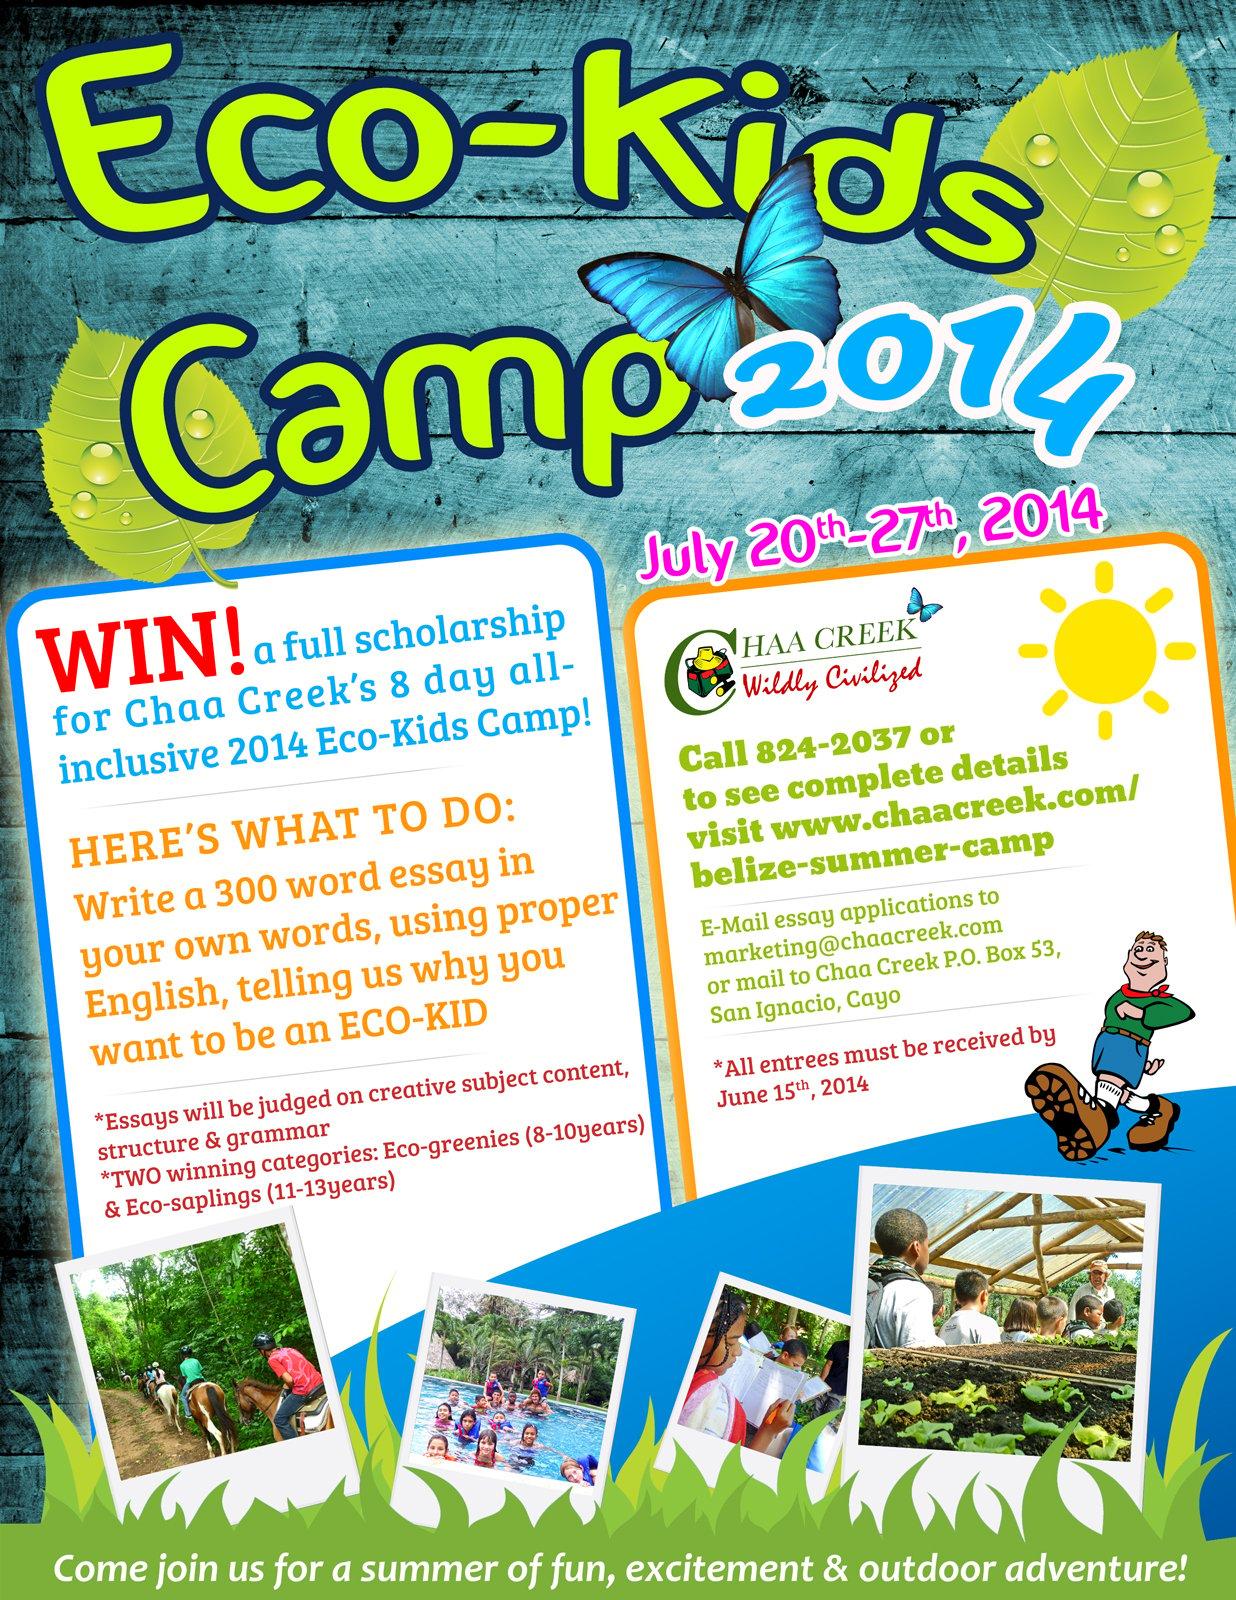 Belize Eco Kids Summer Camp: Sign Up Today!